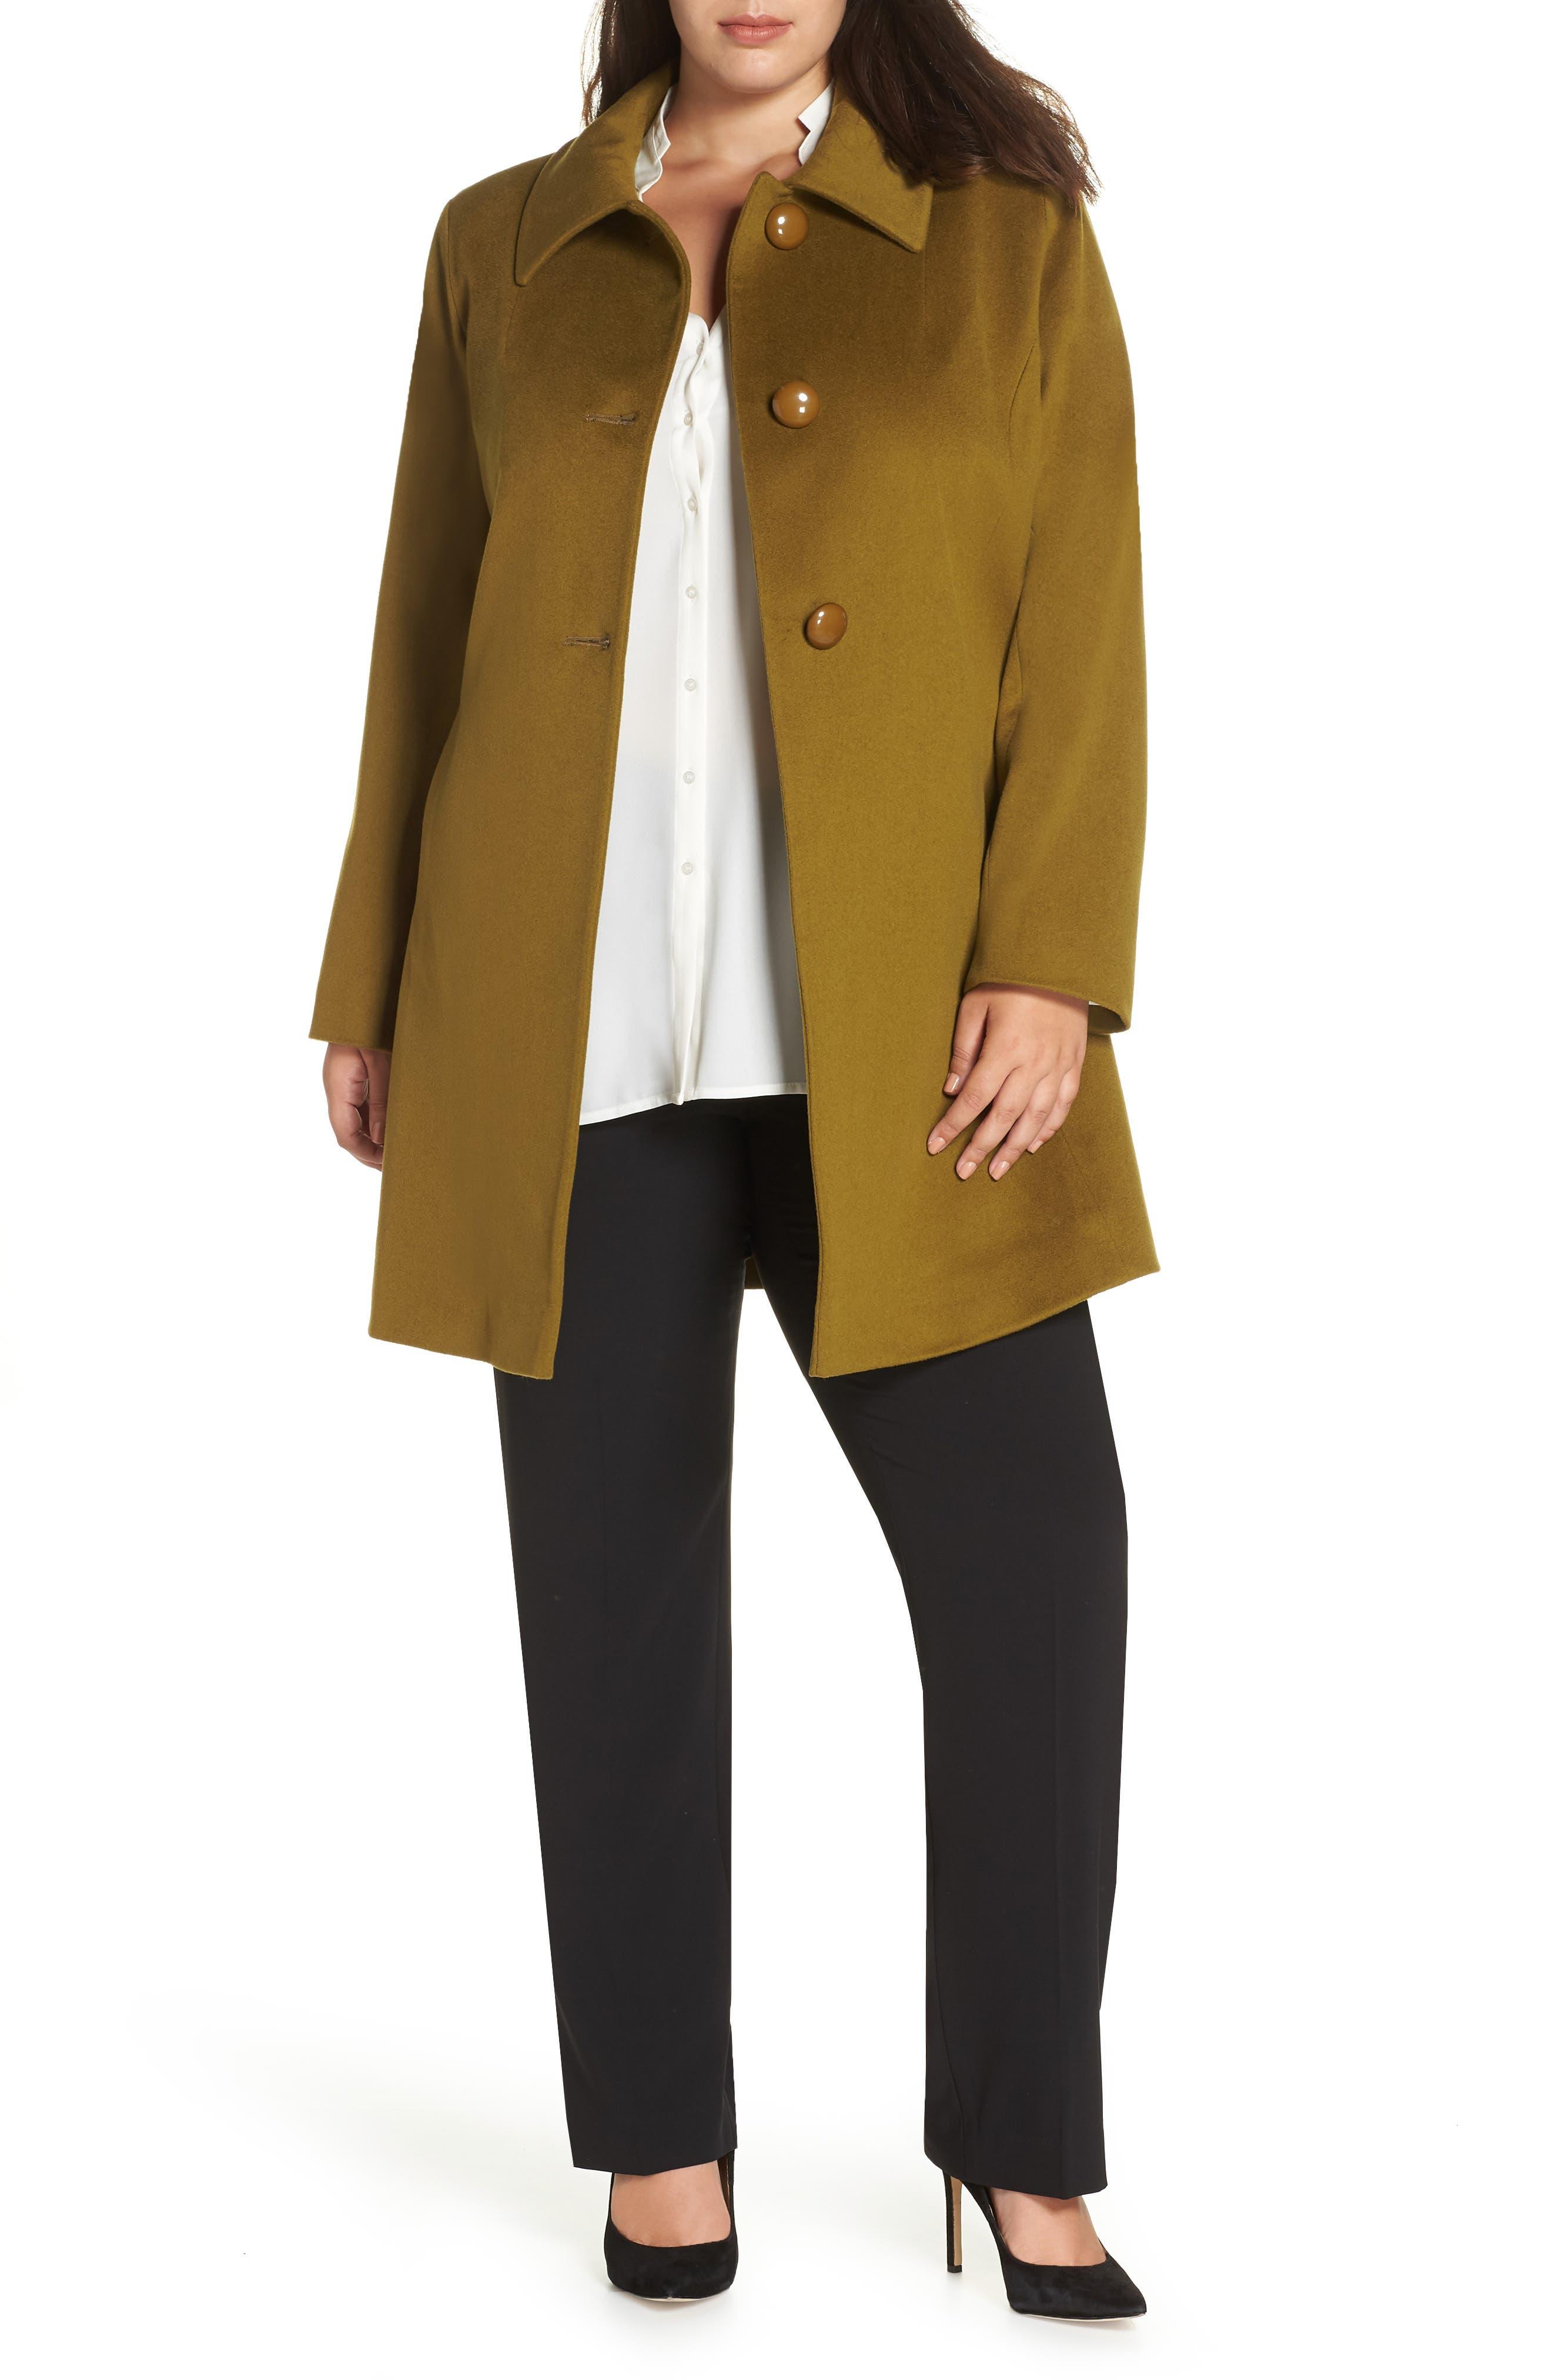 FLEURETTE,                             Loro Piana Wool Car Coat,                             Main thumbnail 1, color,                             305